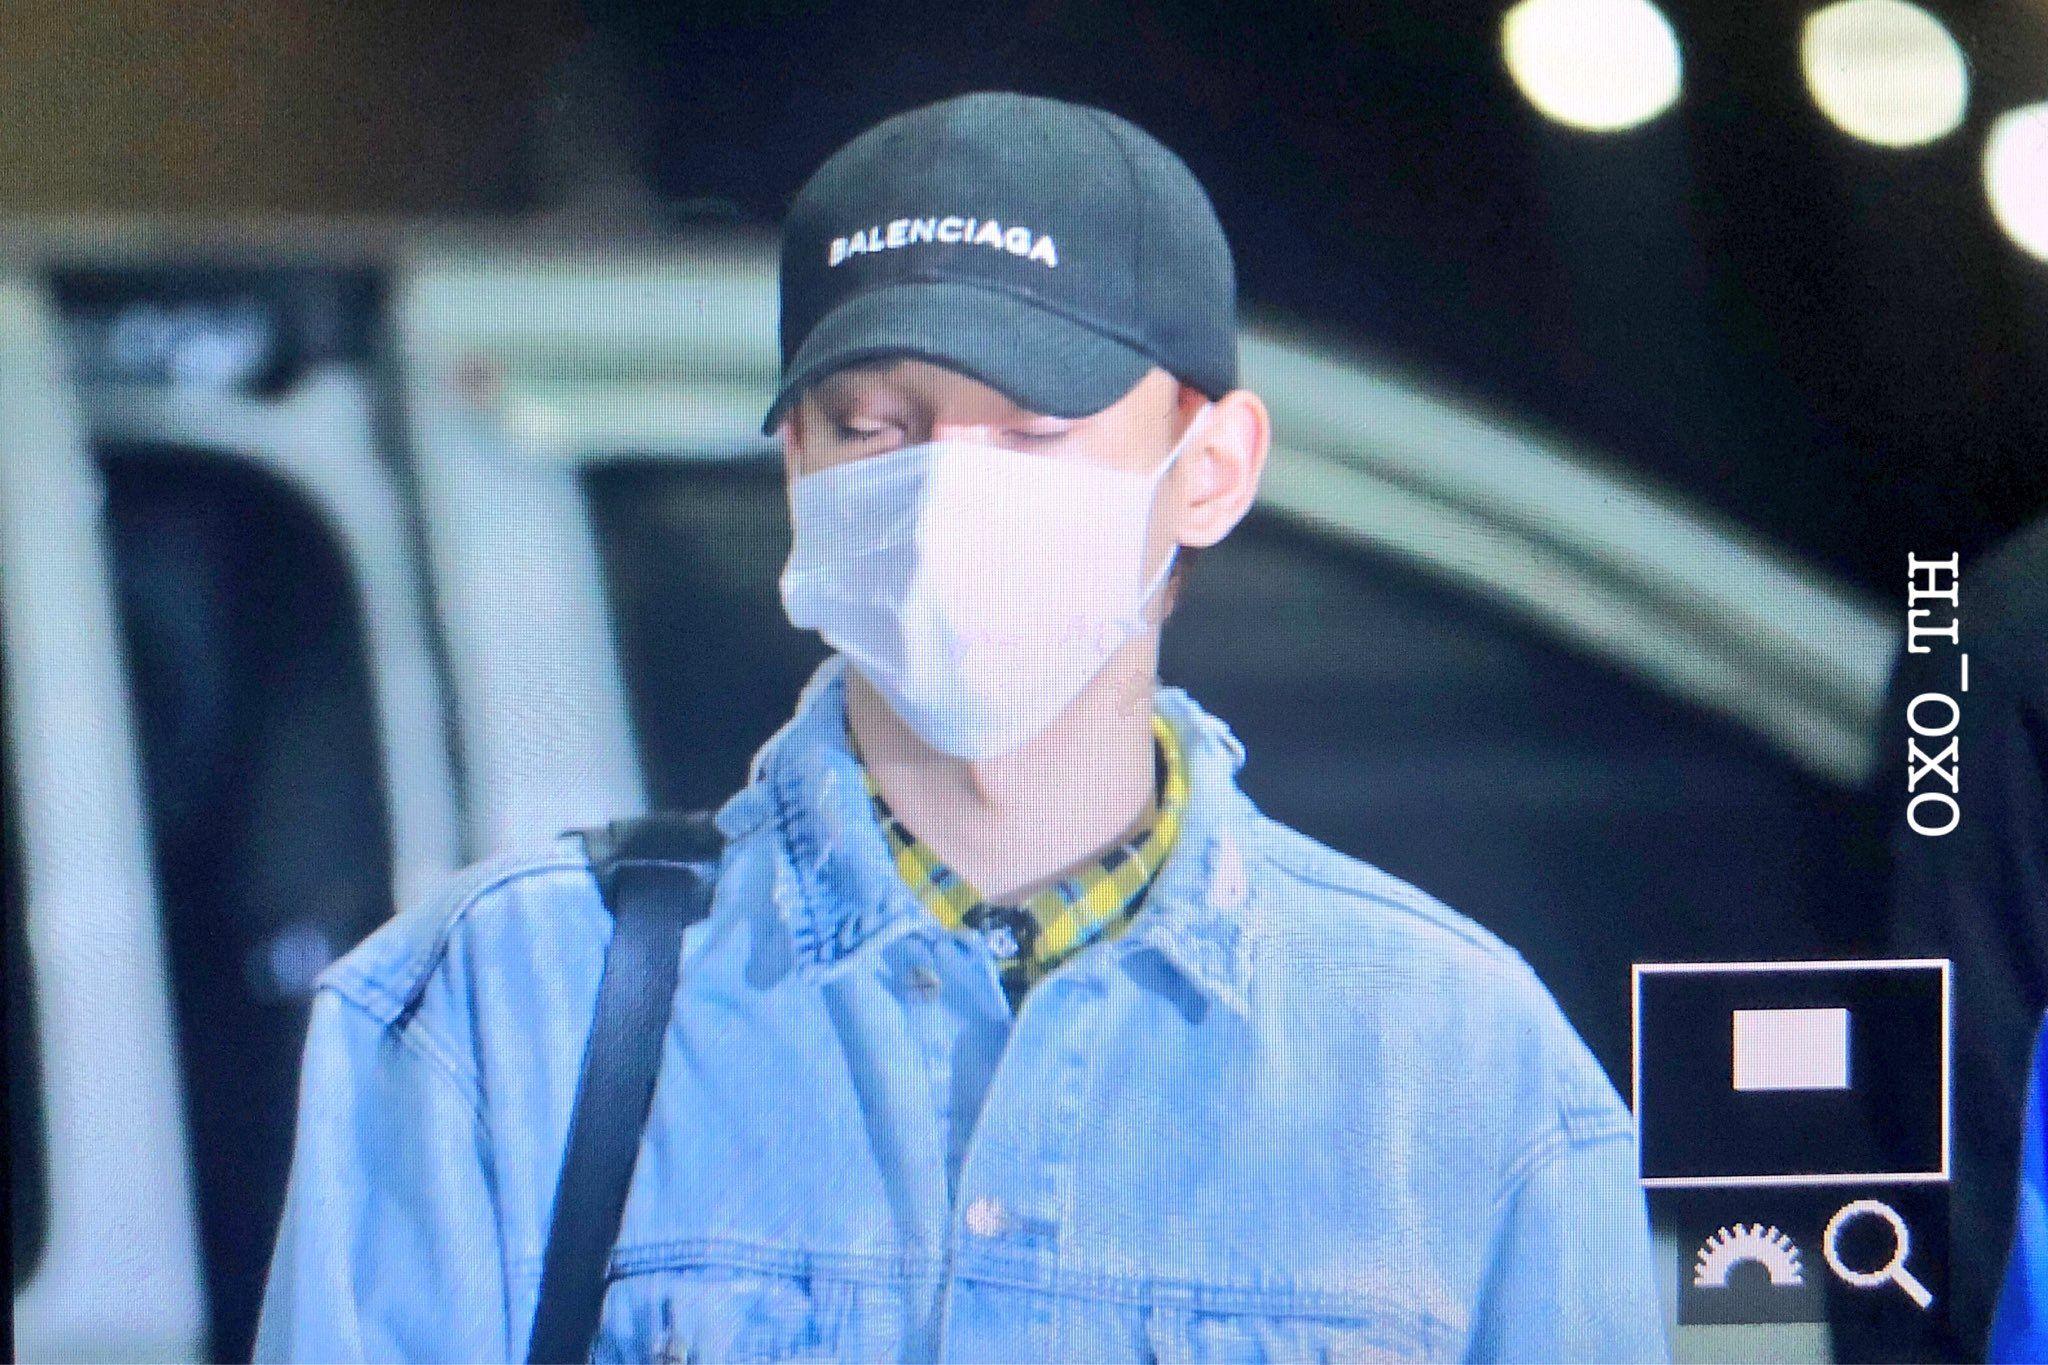 #Chen 180302 en el aeropuerto rumbo a Singapur